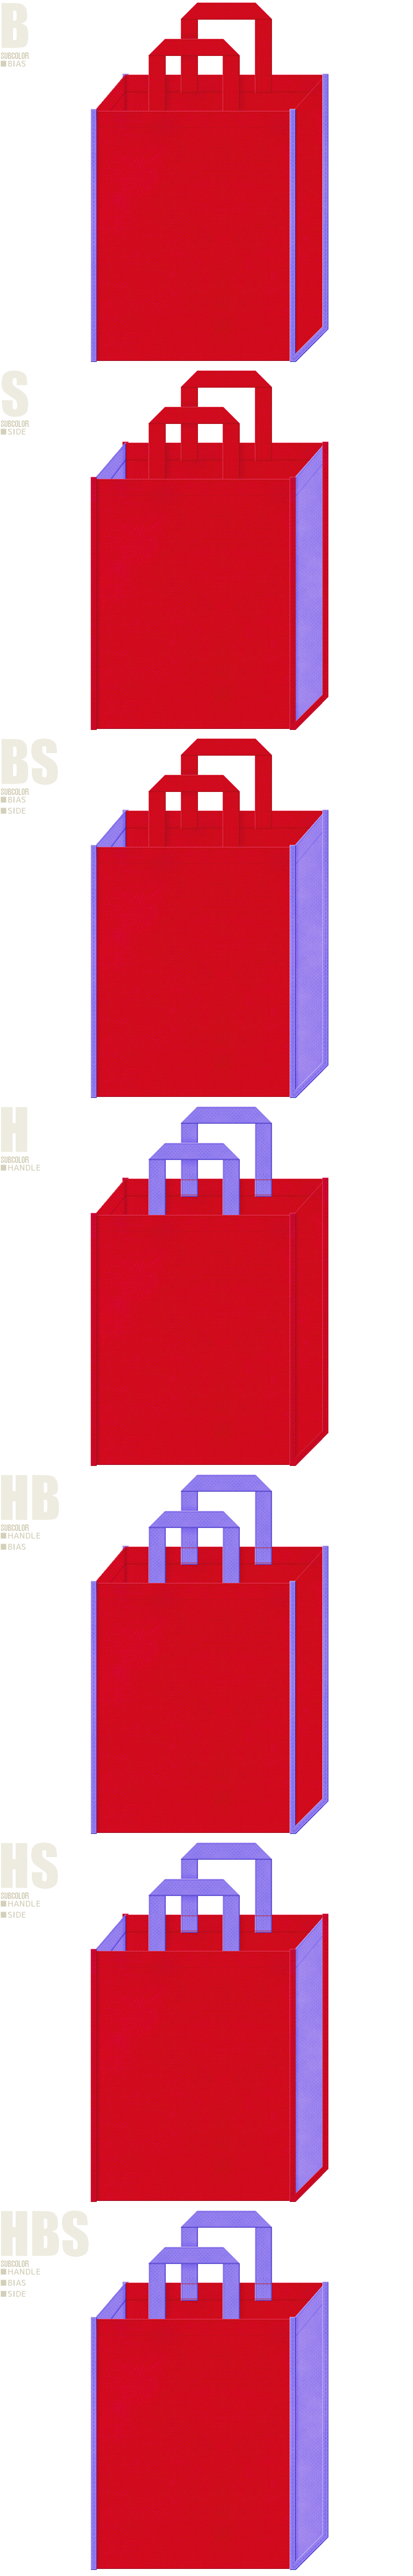 不織布バッグのデザイン:紅色と薄紫色の配色7パターン